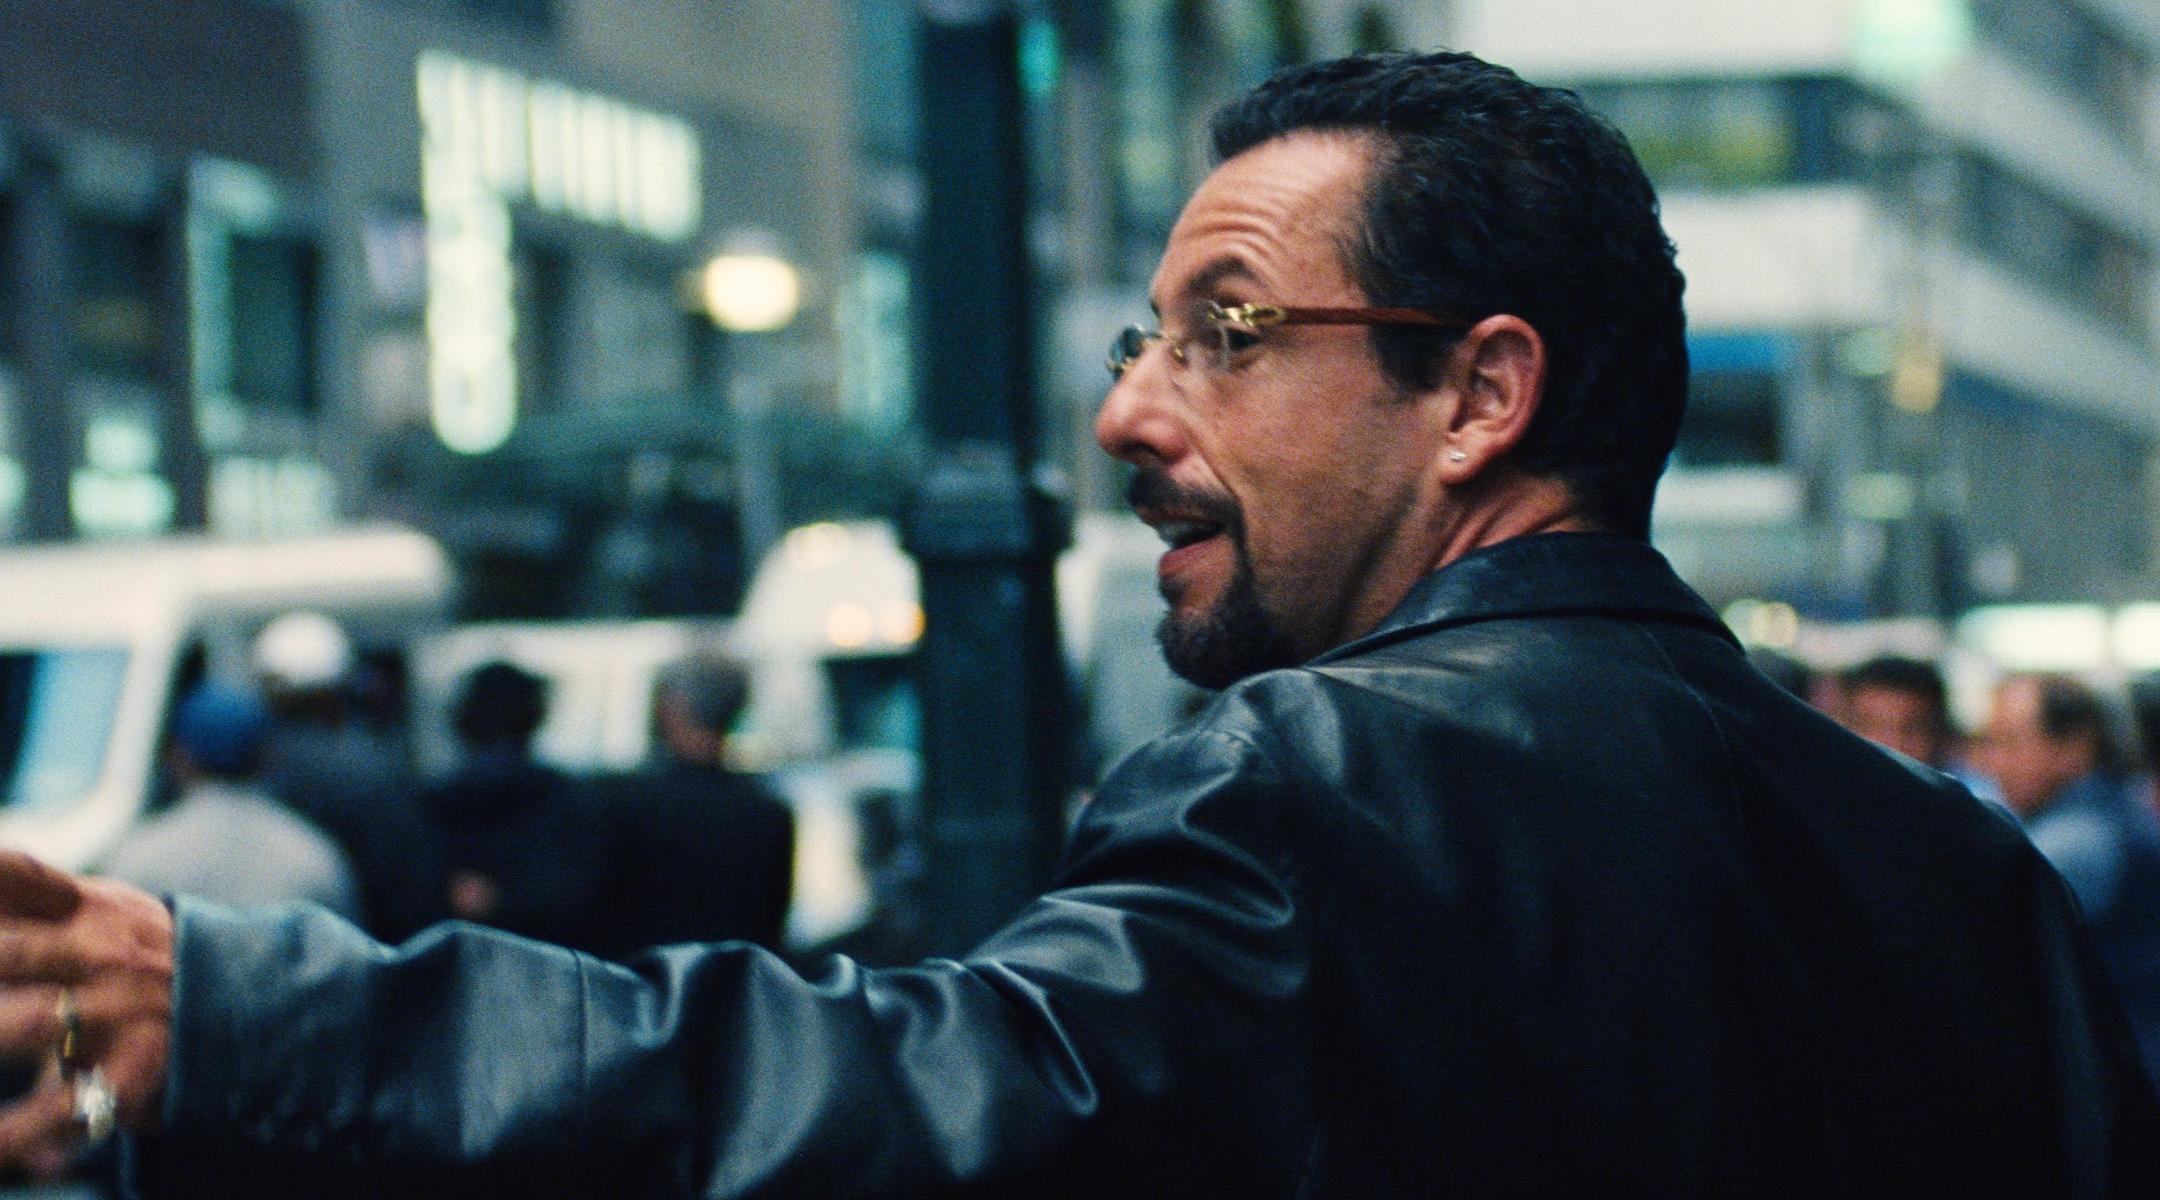 """Adam Sandler as Howard Ratner in """"Uncut Gems."""" (Courtesy of A24)"""